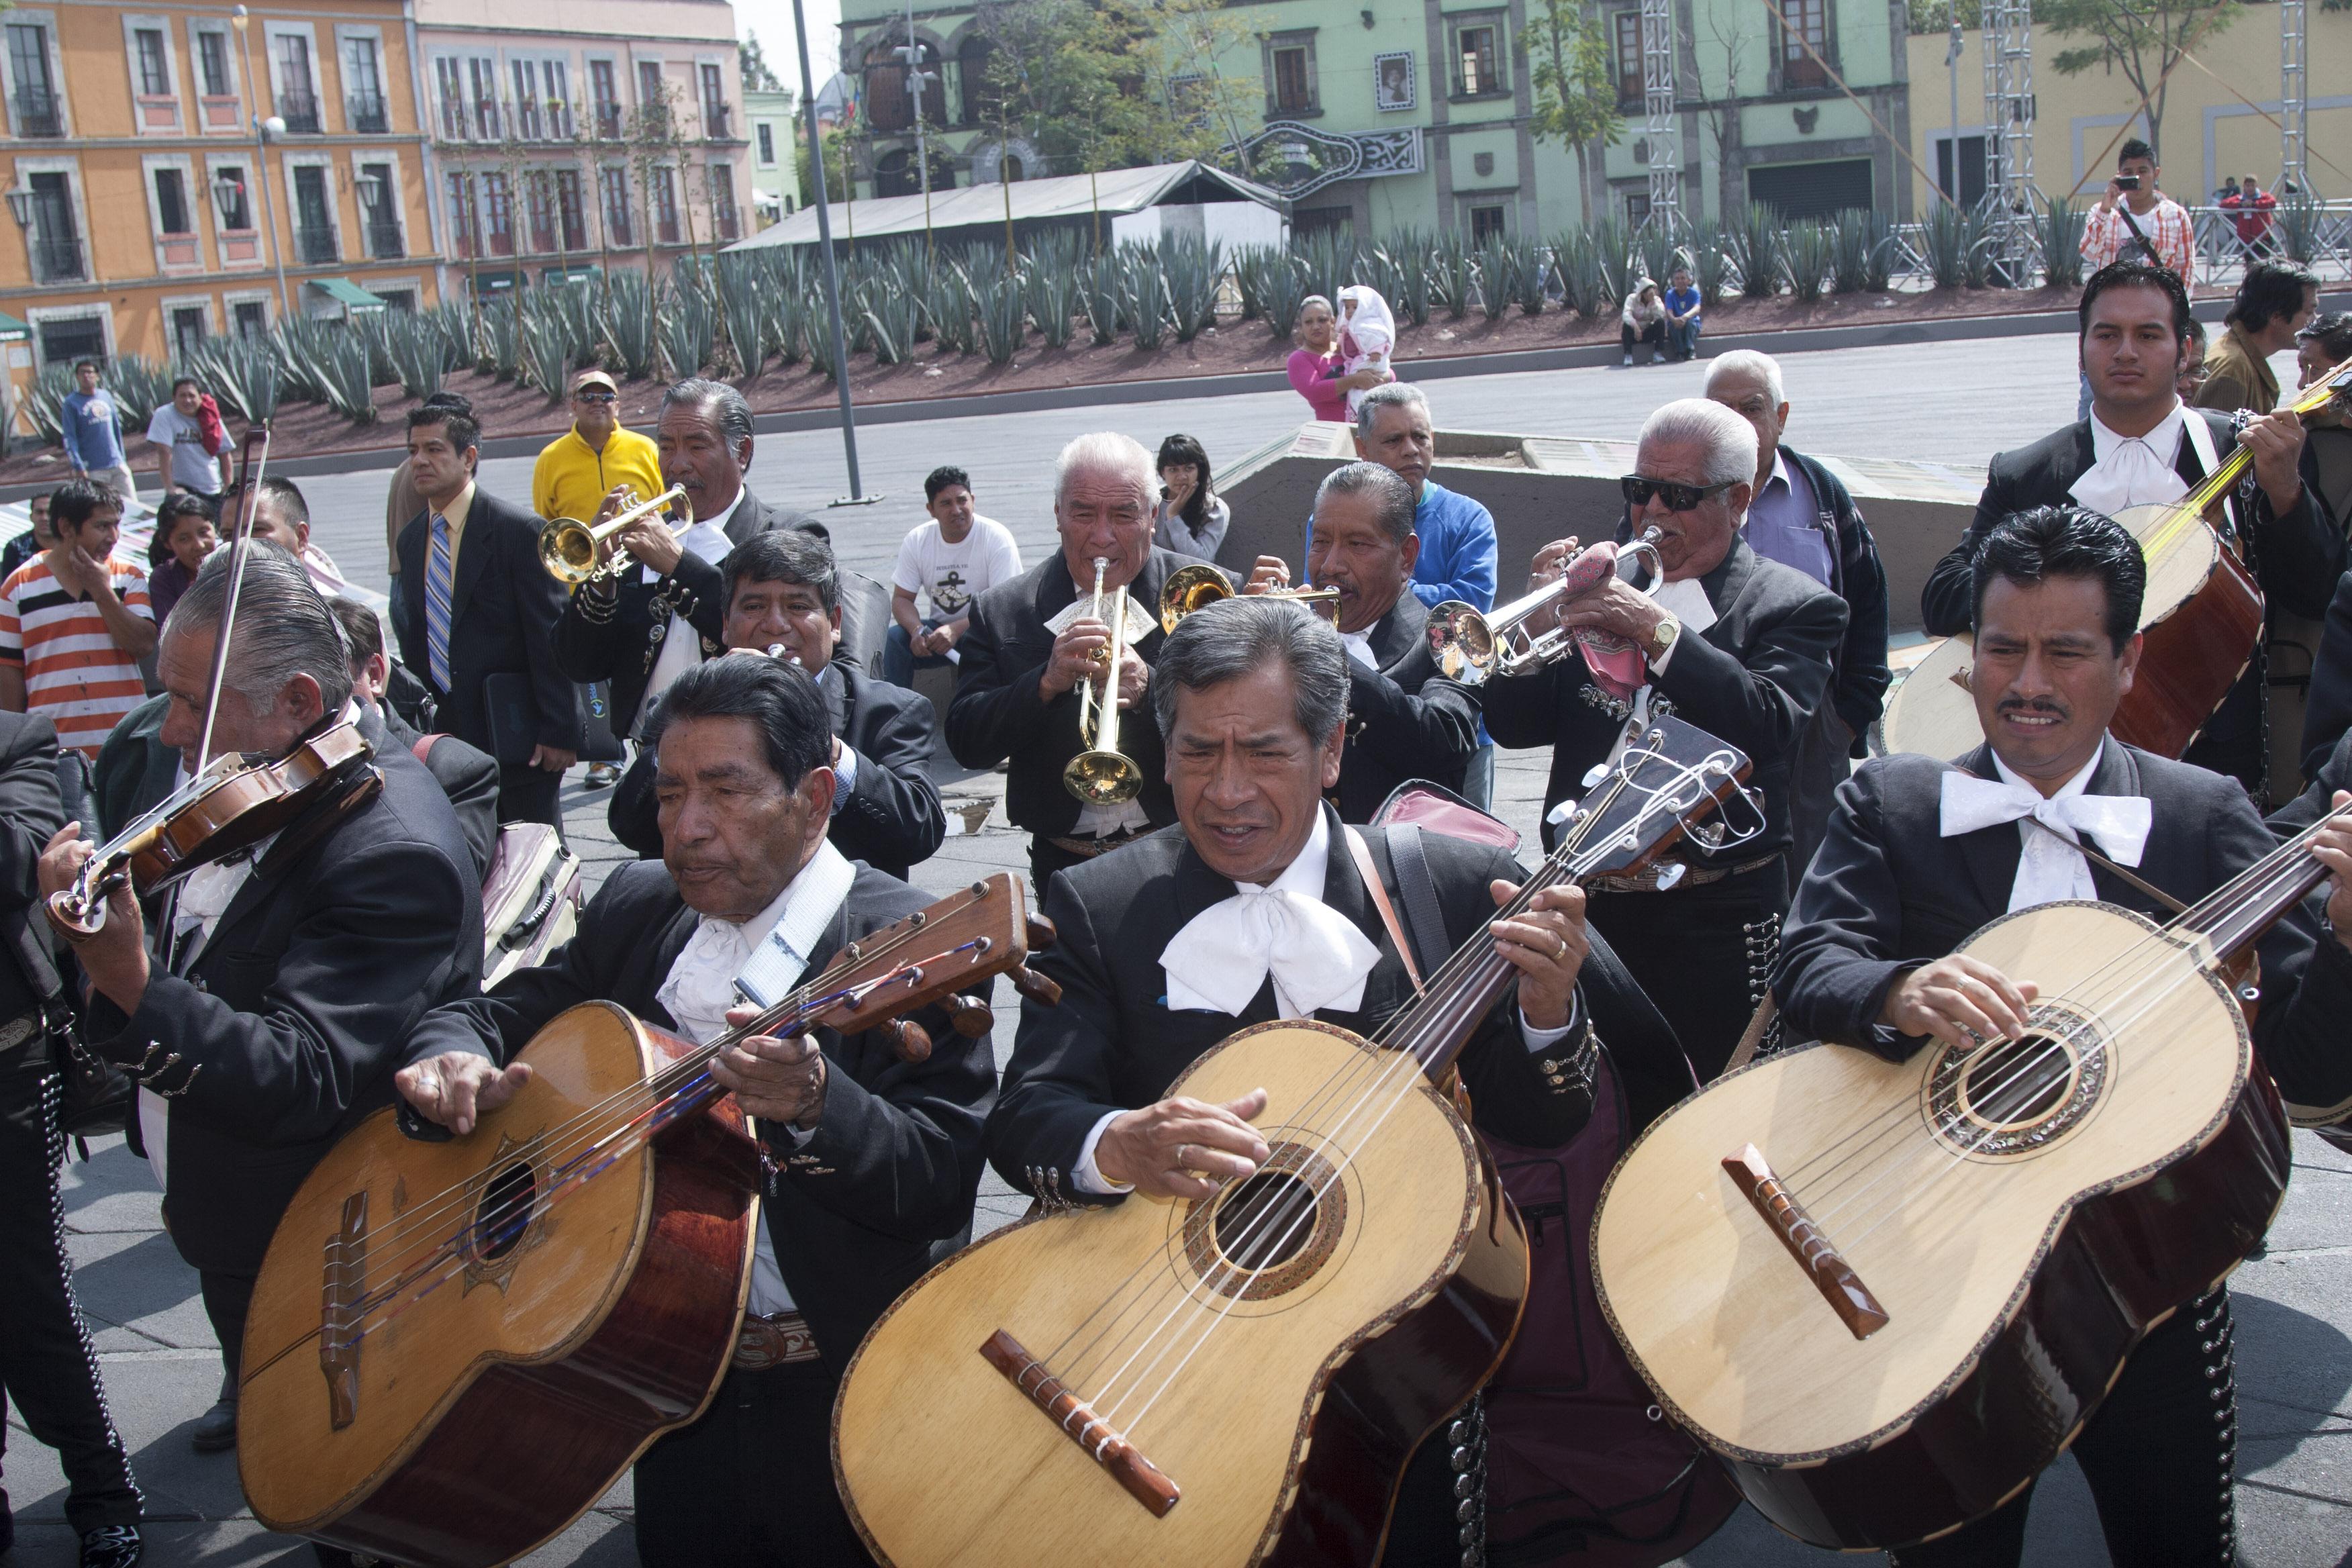 el-mariachi-esta-loco-y-quiere-bailar-asi-vive-un-charro-cantor